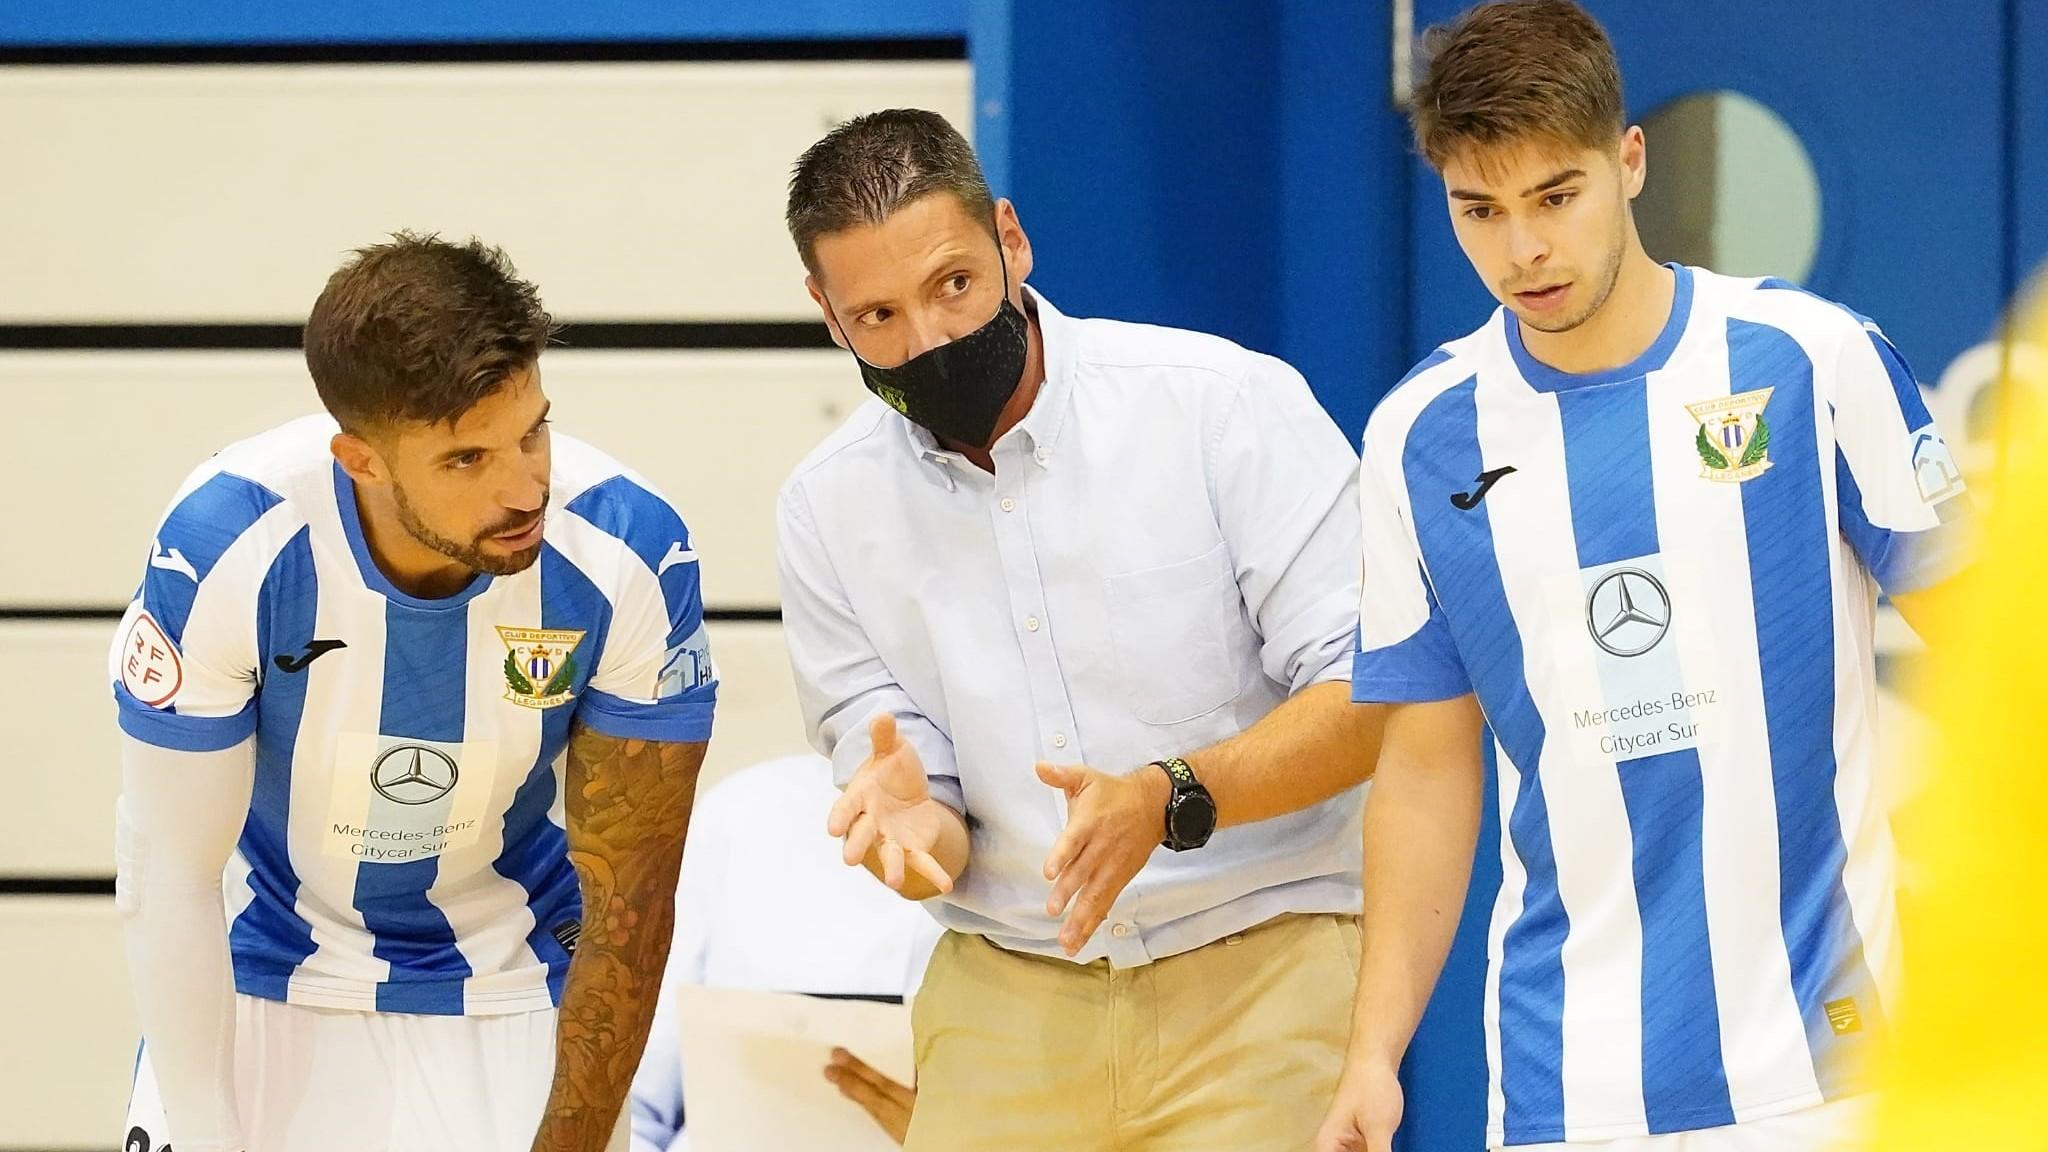 """Diego Gacimartín: """"A pesar de tener un equipo con experiencia nos está costando mucho arrancar"""""""